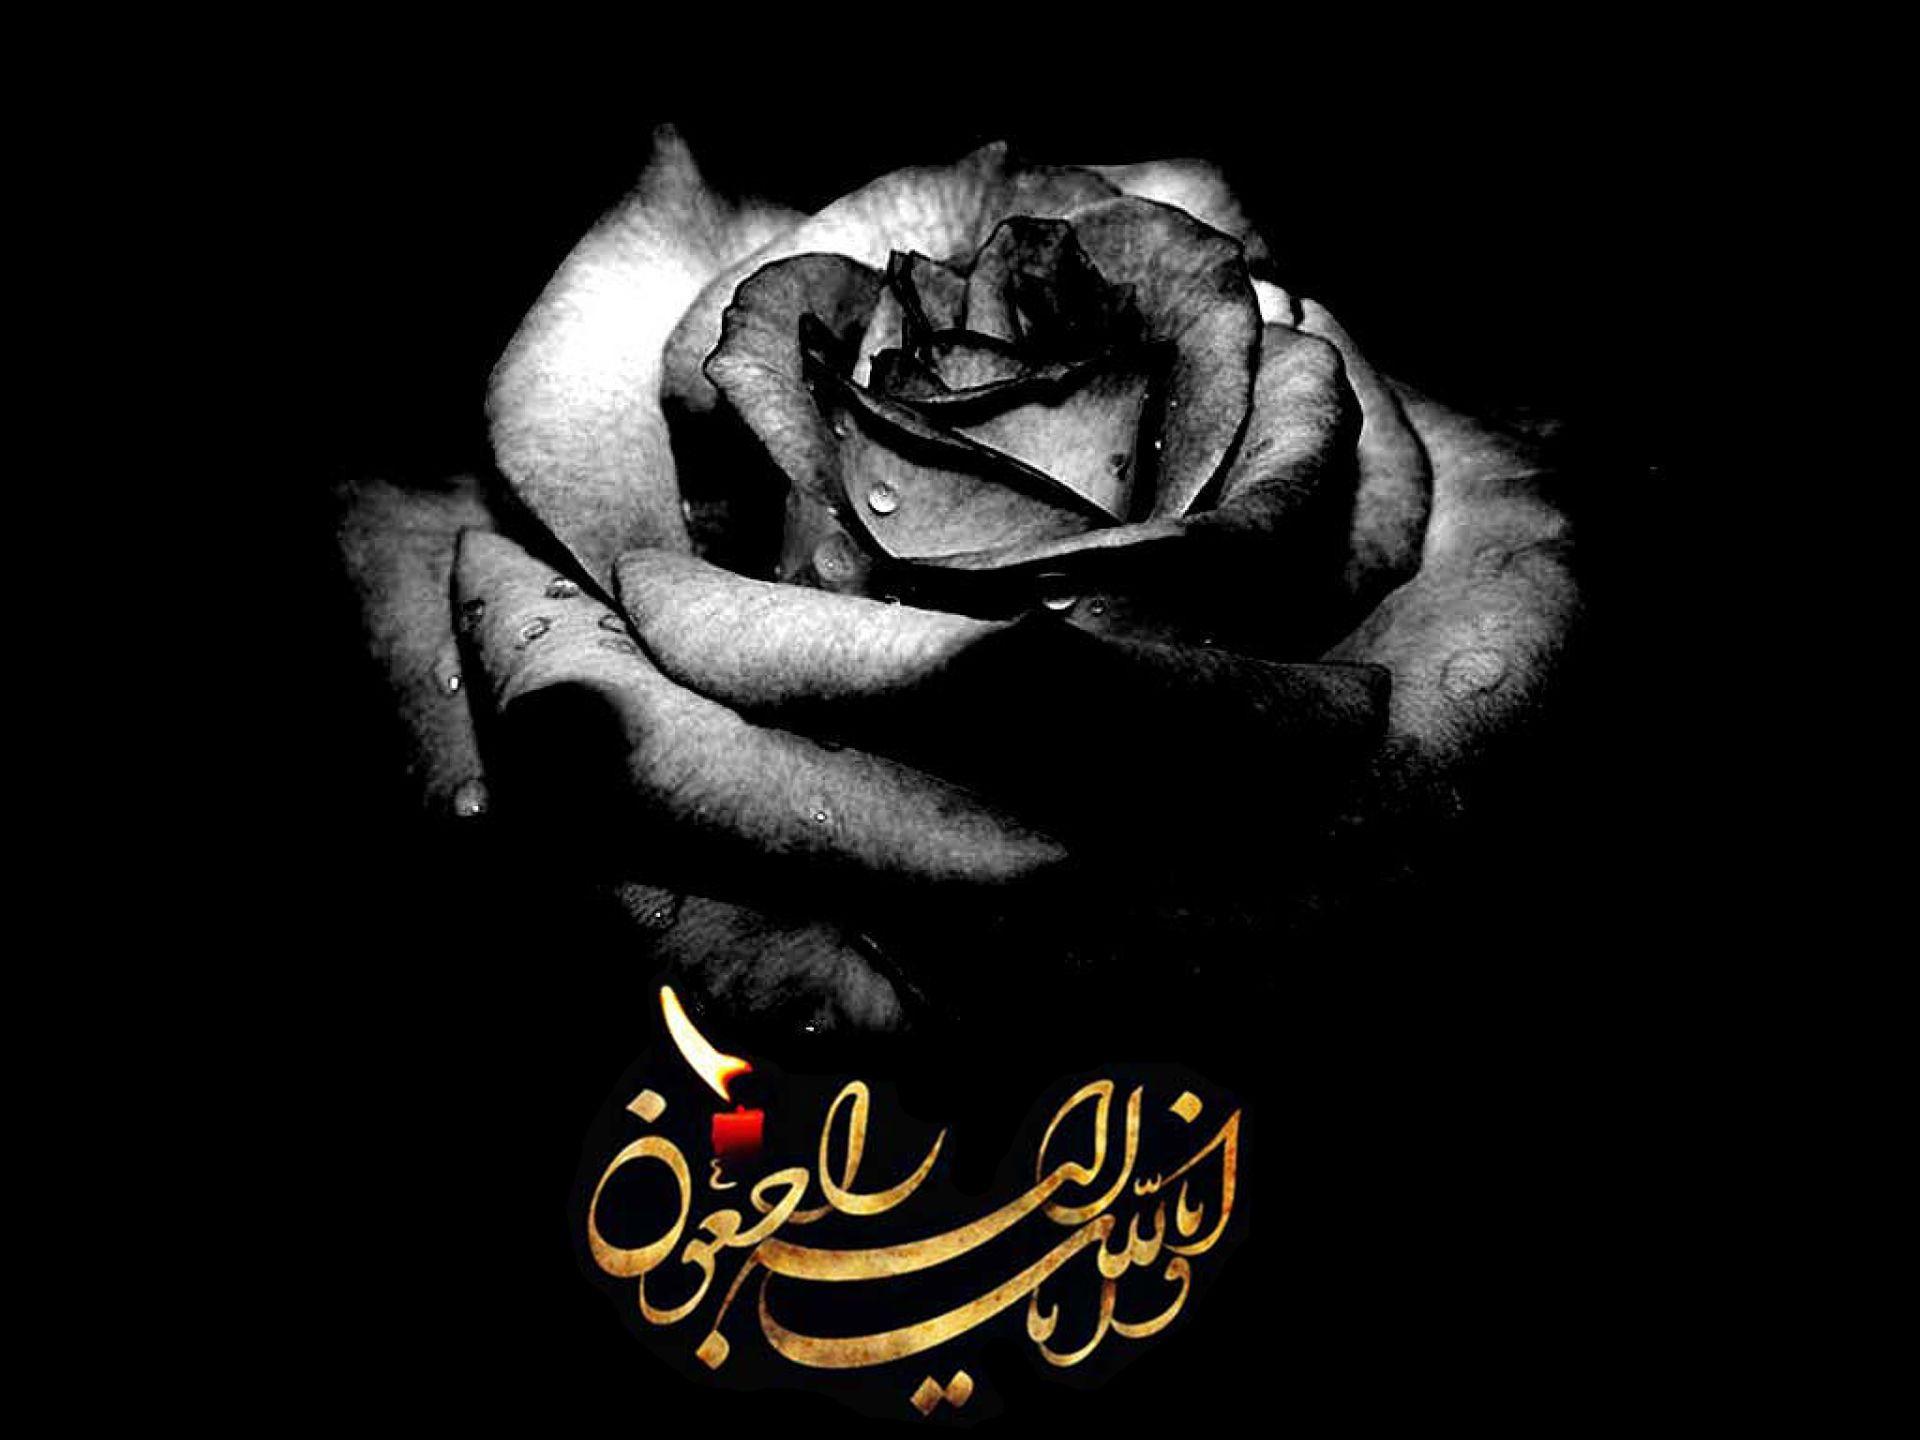 انا لله و انا اليه راجعون Condolence Messages Condolence Letter Flower Background Wallpaper